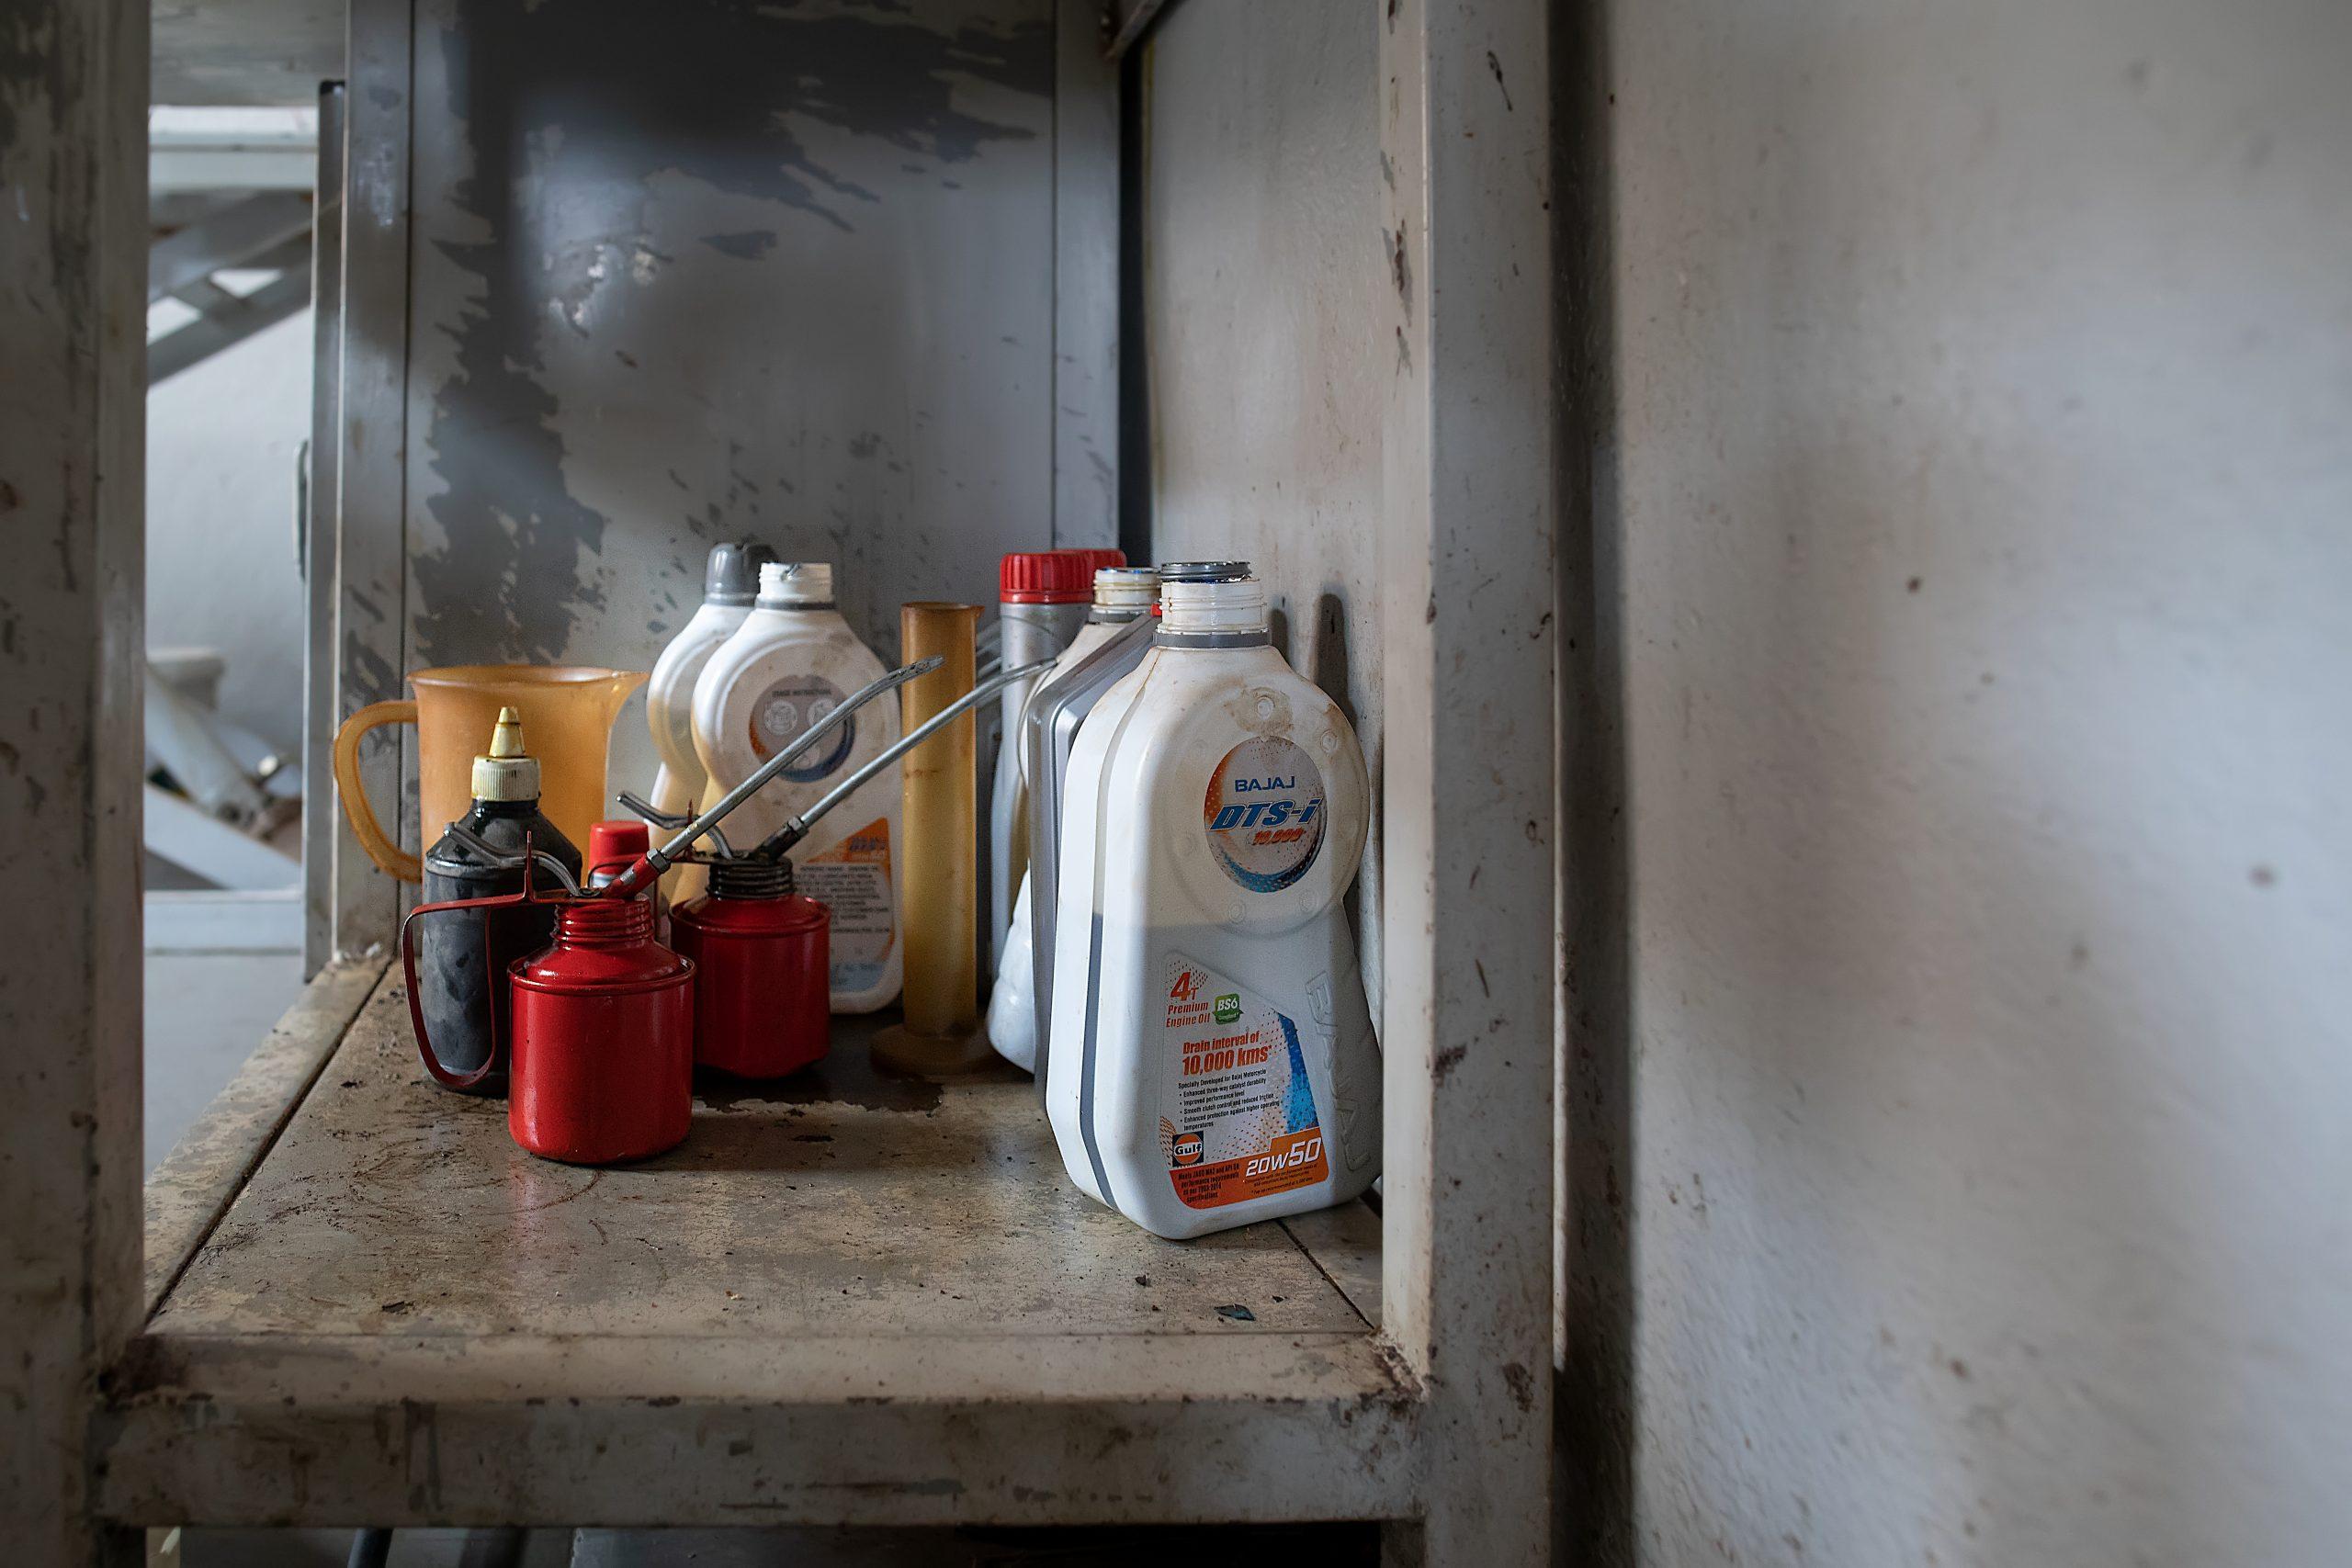 Engine oils at a workshop